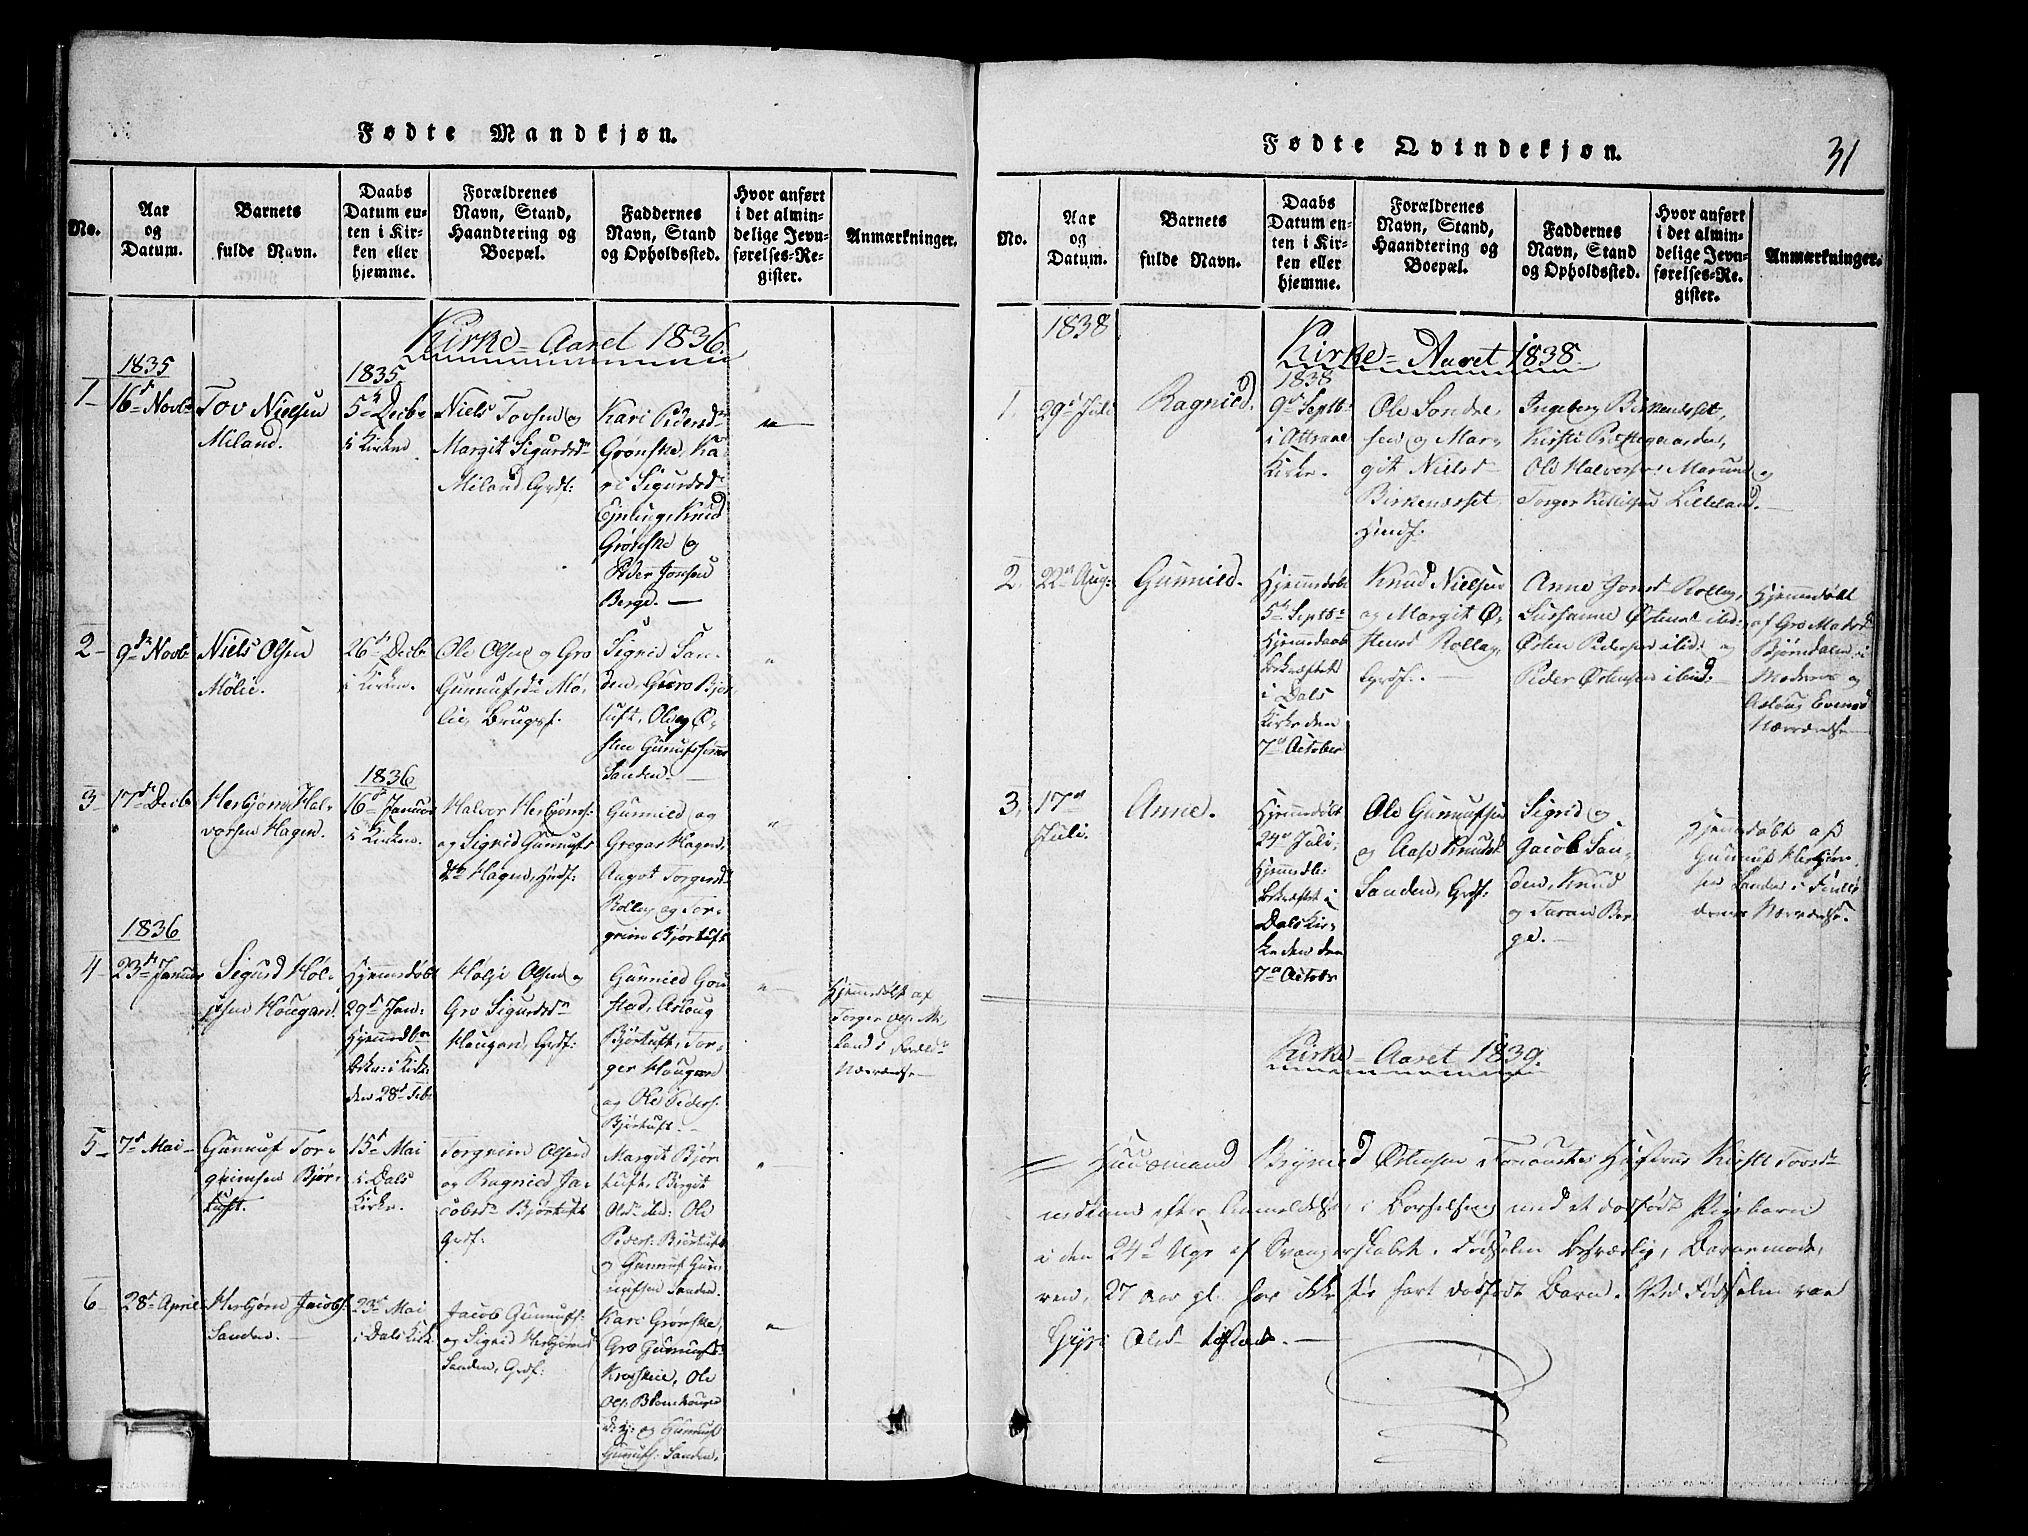 SAKO, Tinn kirkebøker, G/Gb/L0001: Klokkerbok nr. II 1 /1, 1815-1850, s. 31